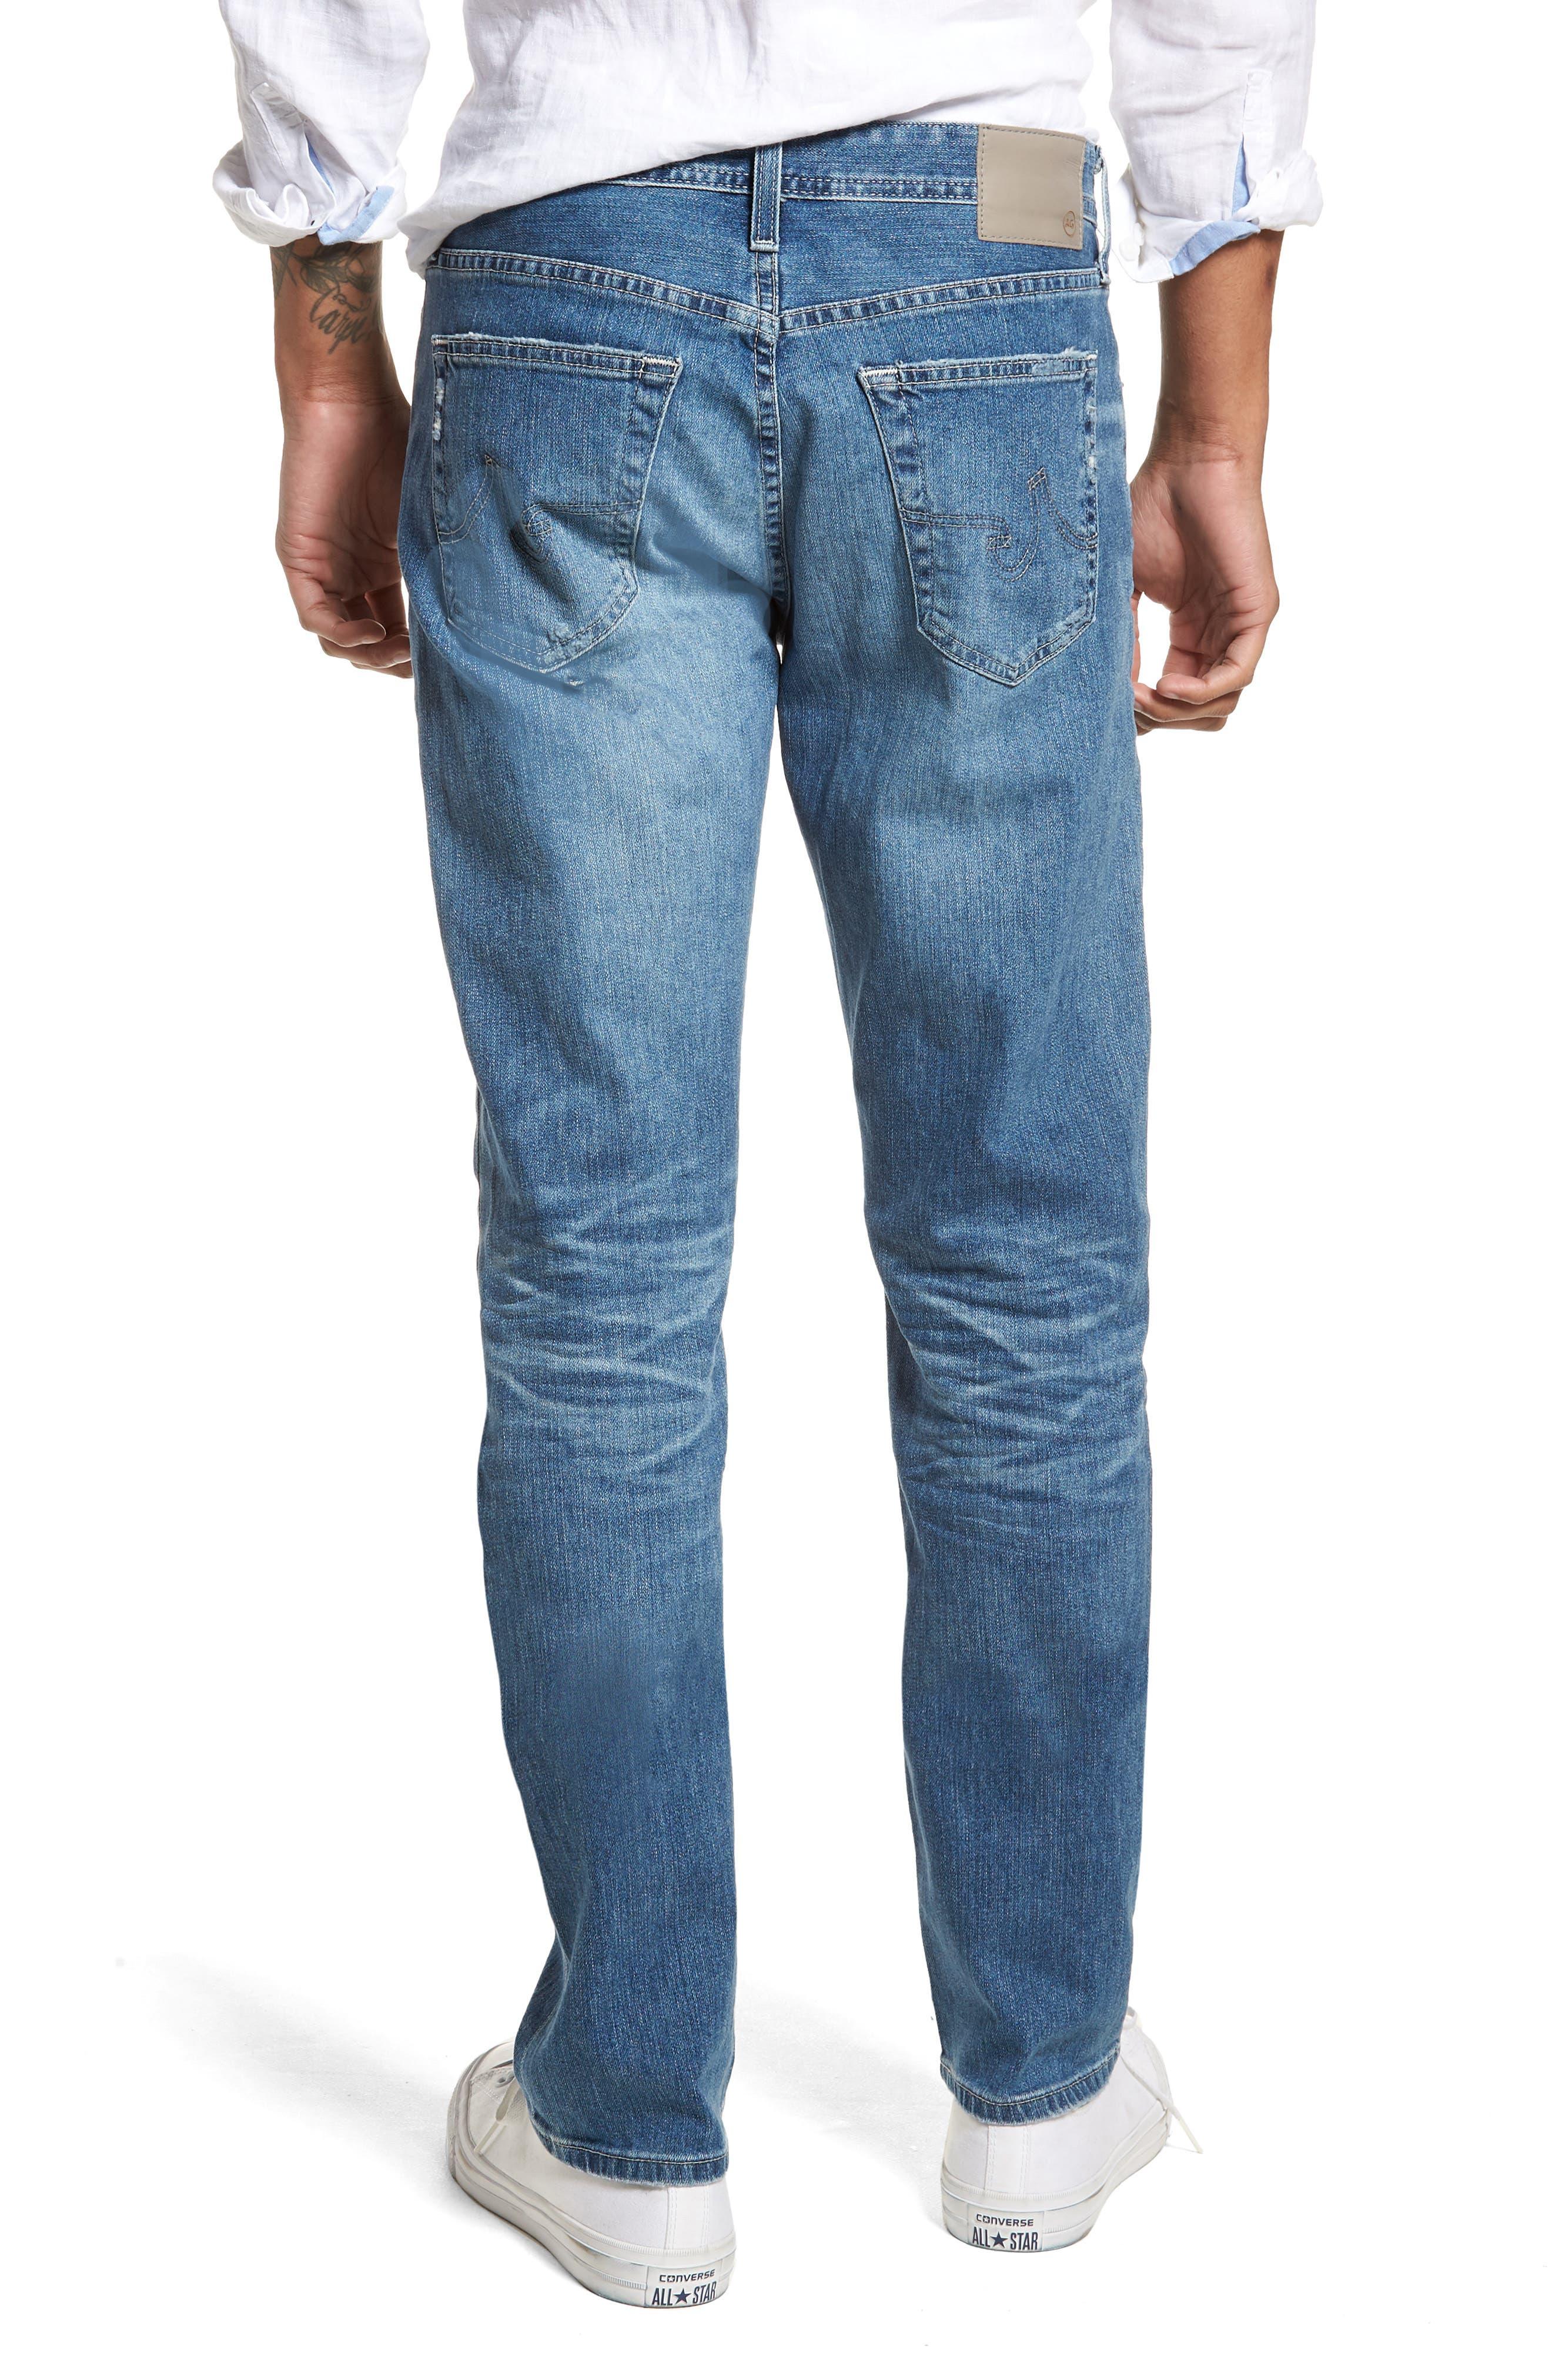 Everett Slim Straight Leg Jeans,                             Alternate thumbnail 2, color,                             15 YEARS SWEPT UP